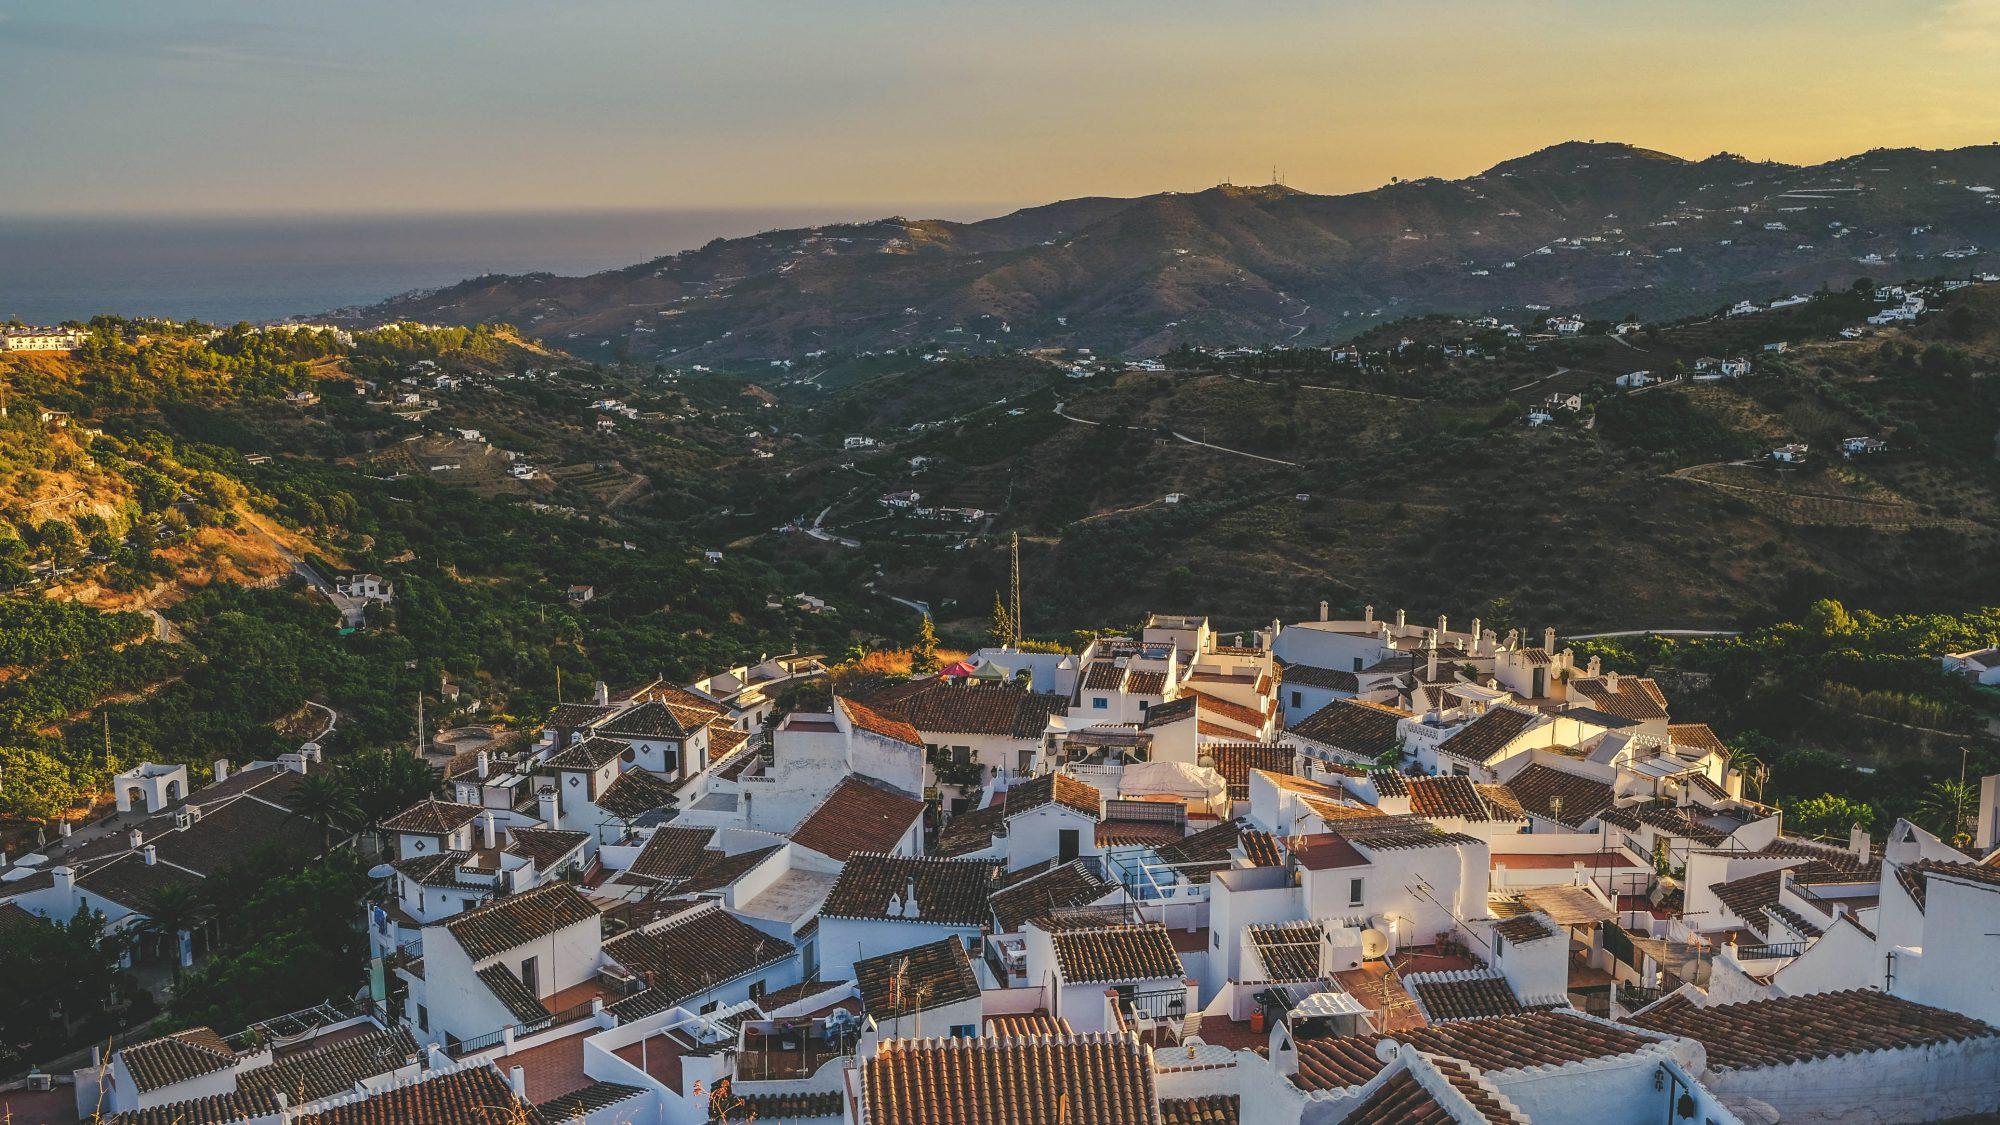 Le village ancien - Frigiliana, Espagne